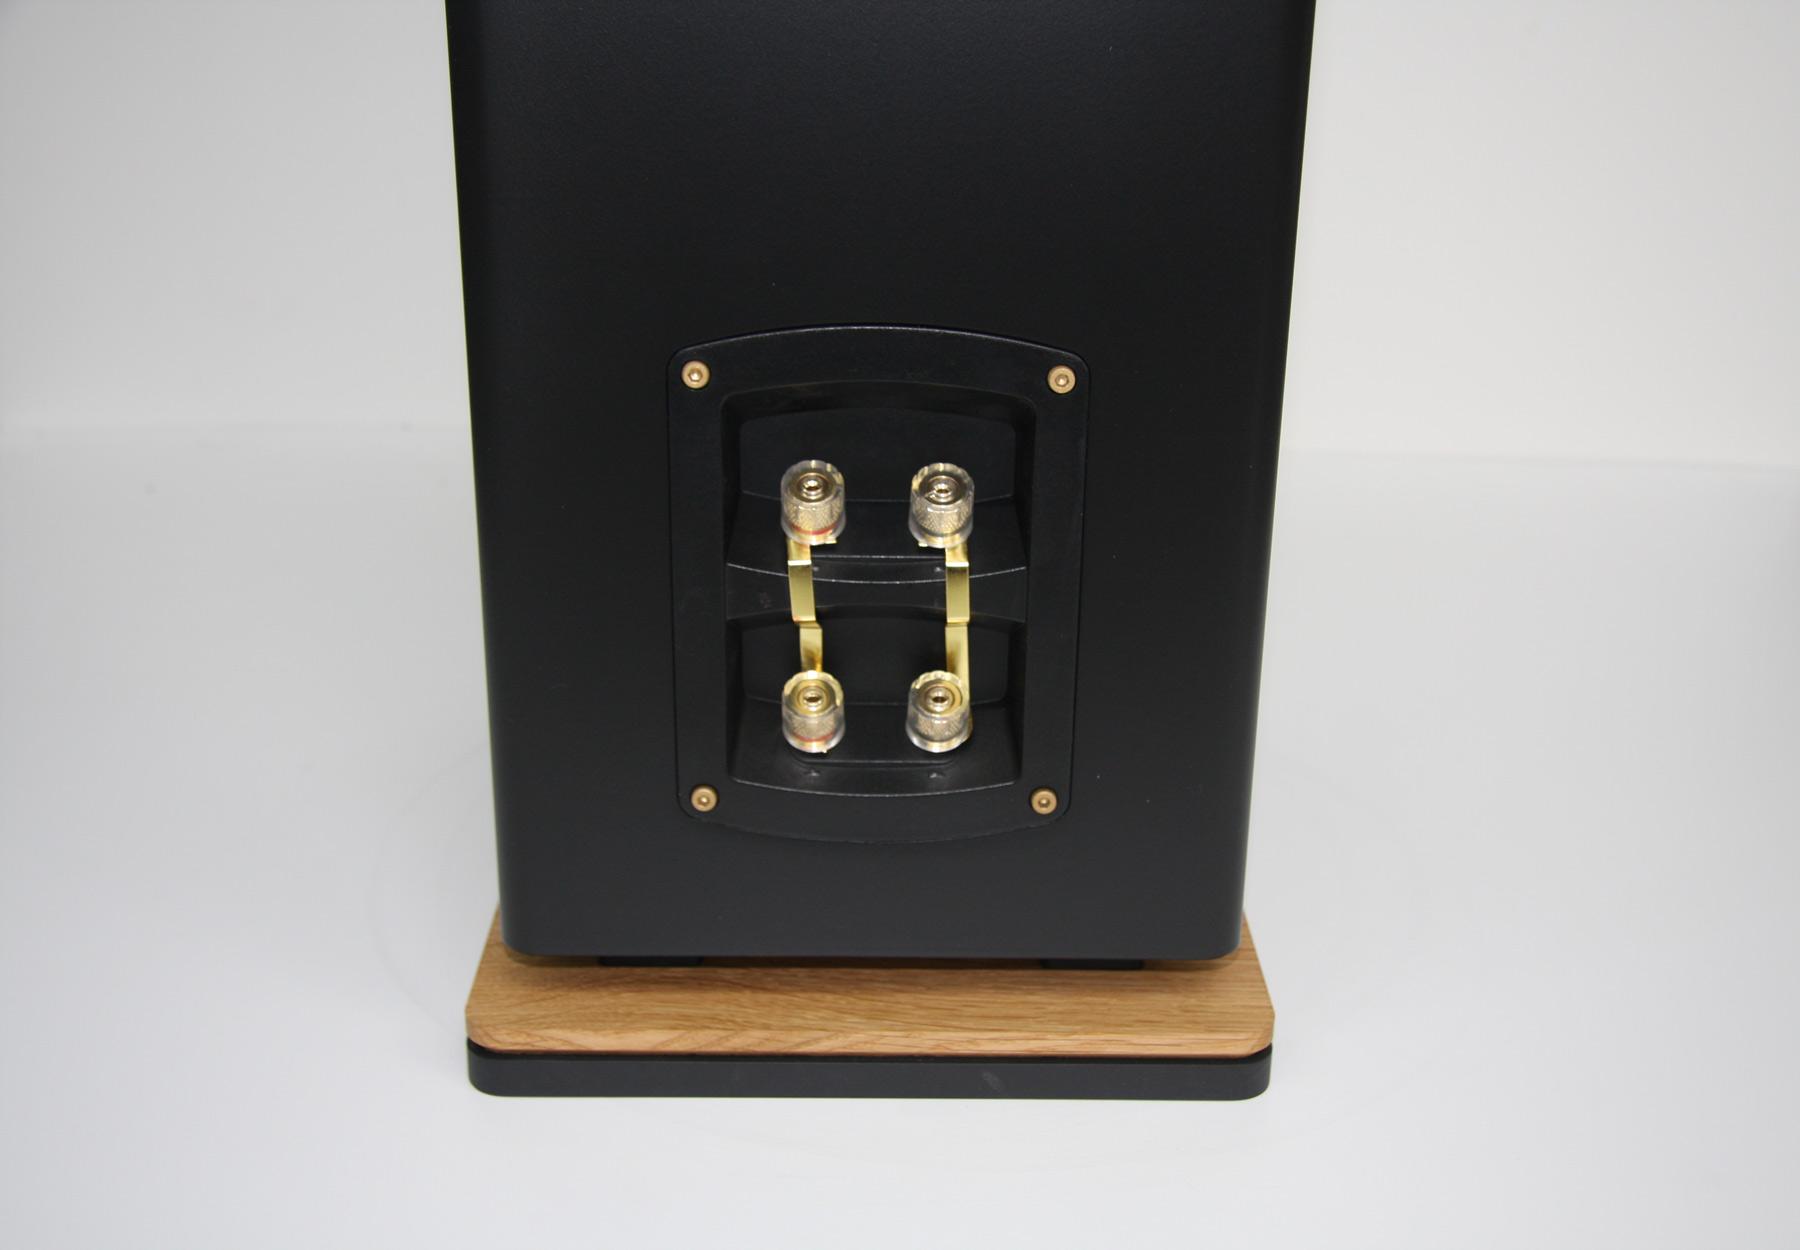 Lautsprecher-teufel-Standbox_6486-20-web.jpg